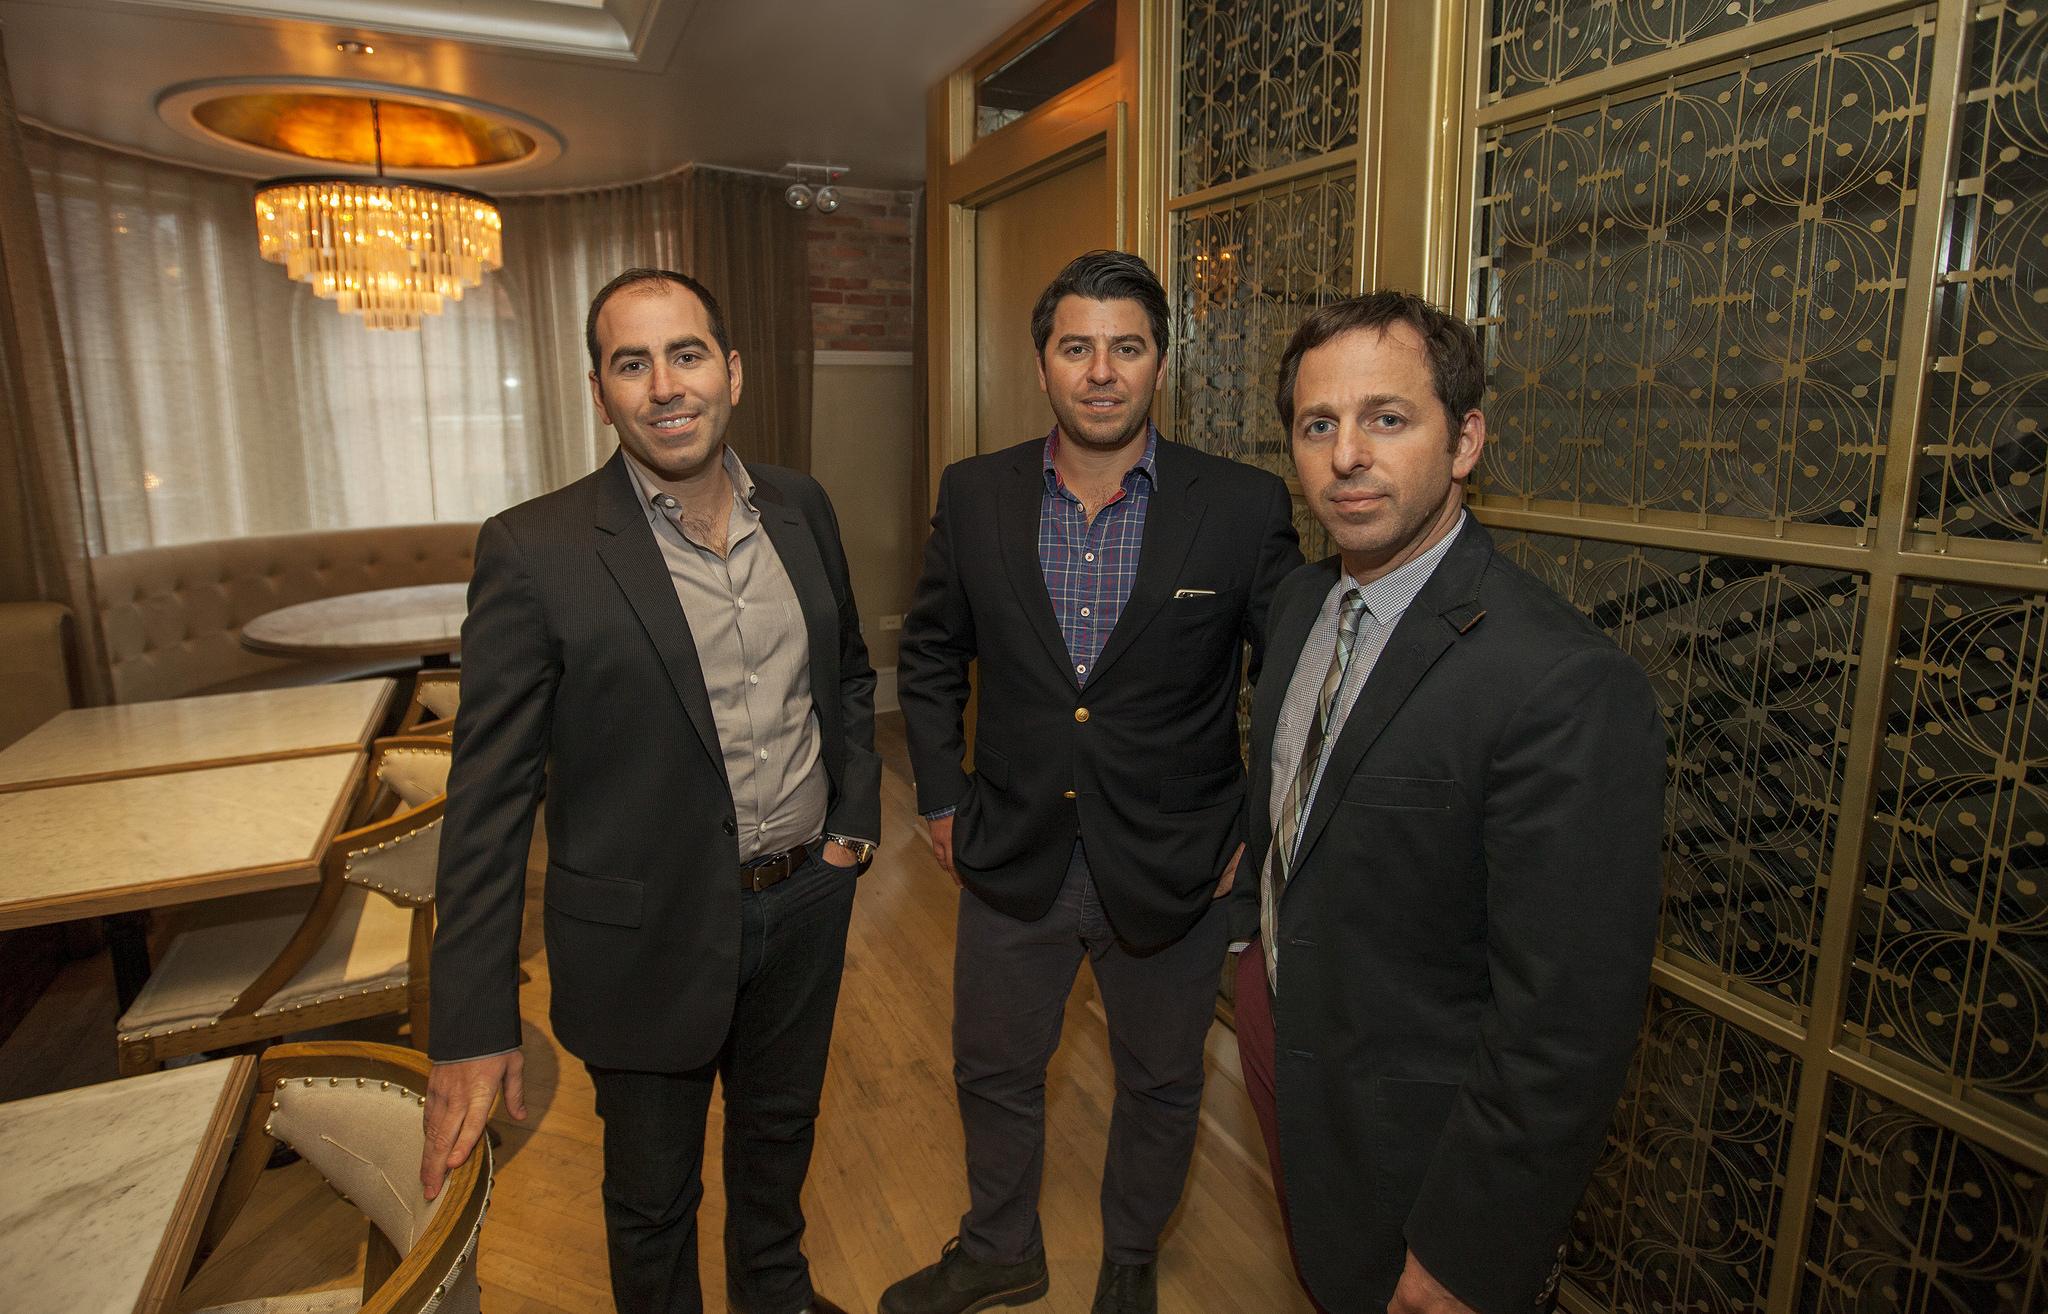 Rafid, Fadi, and Nadir Hindo